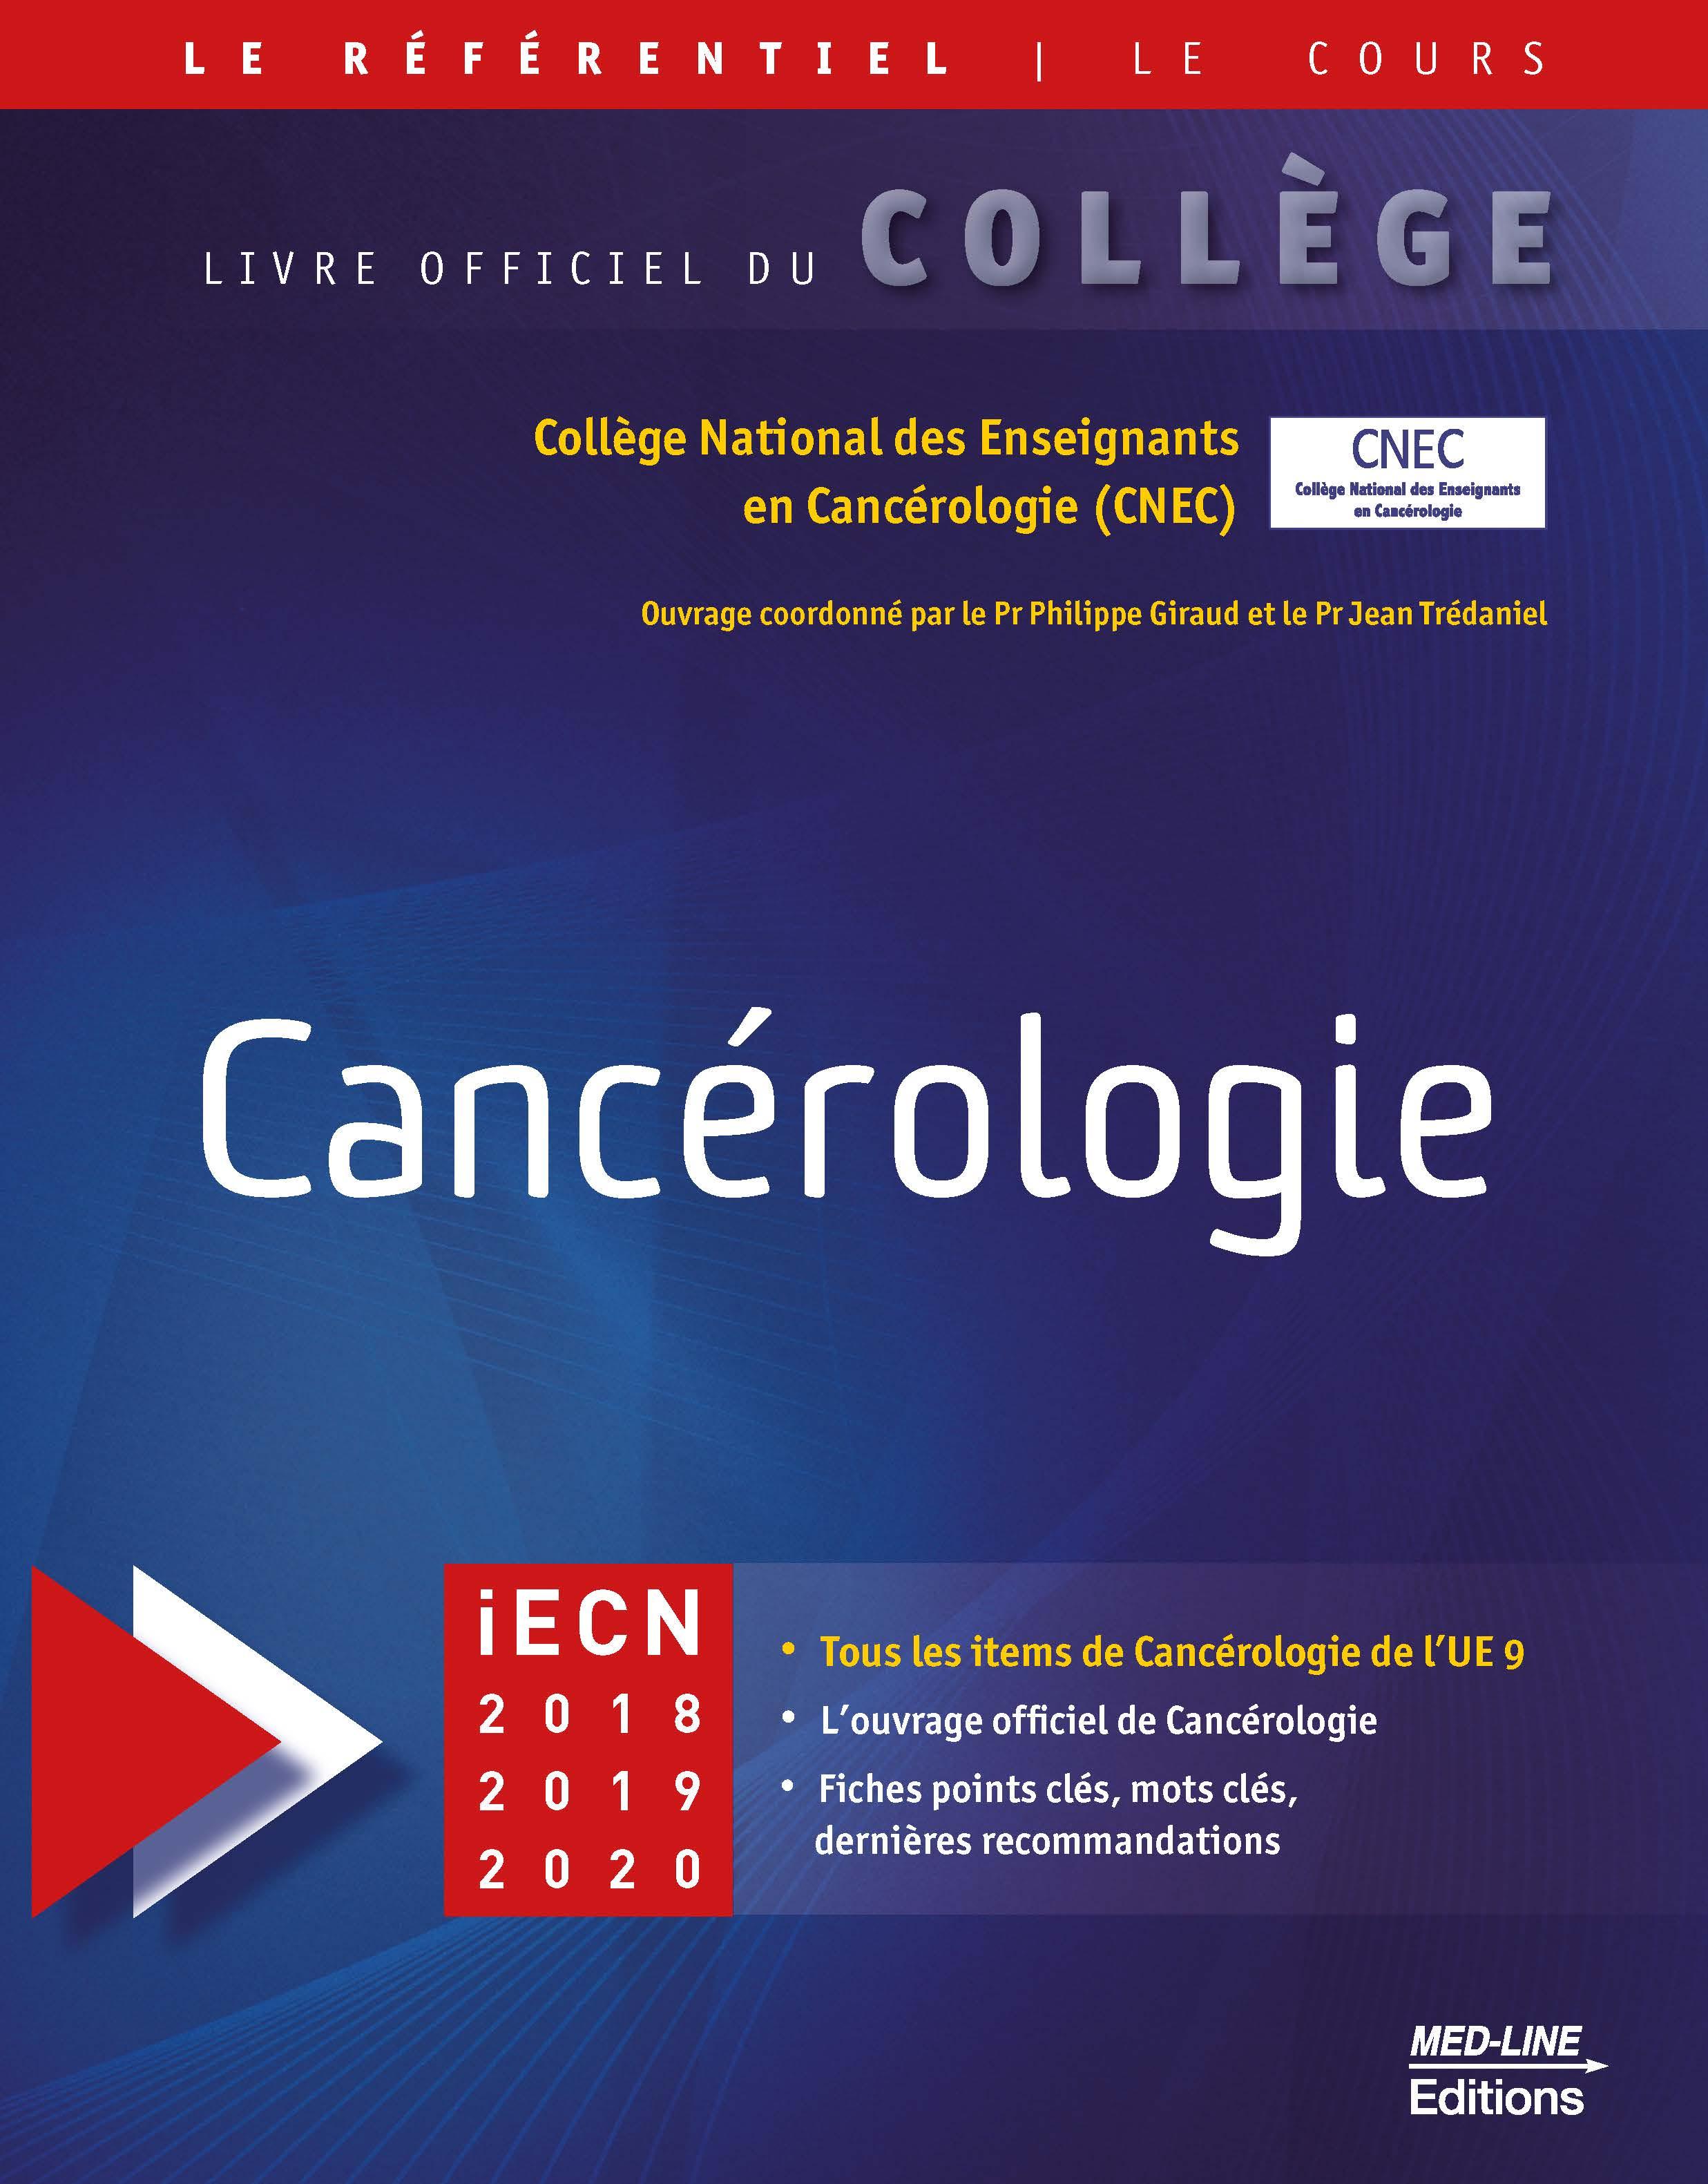 Collège de Cancérologie